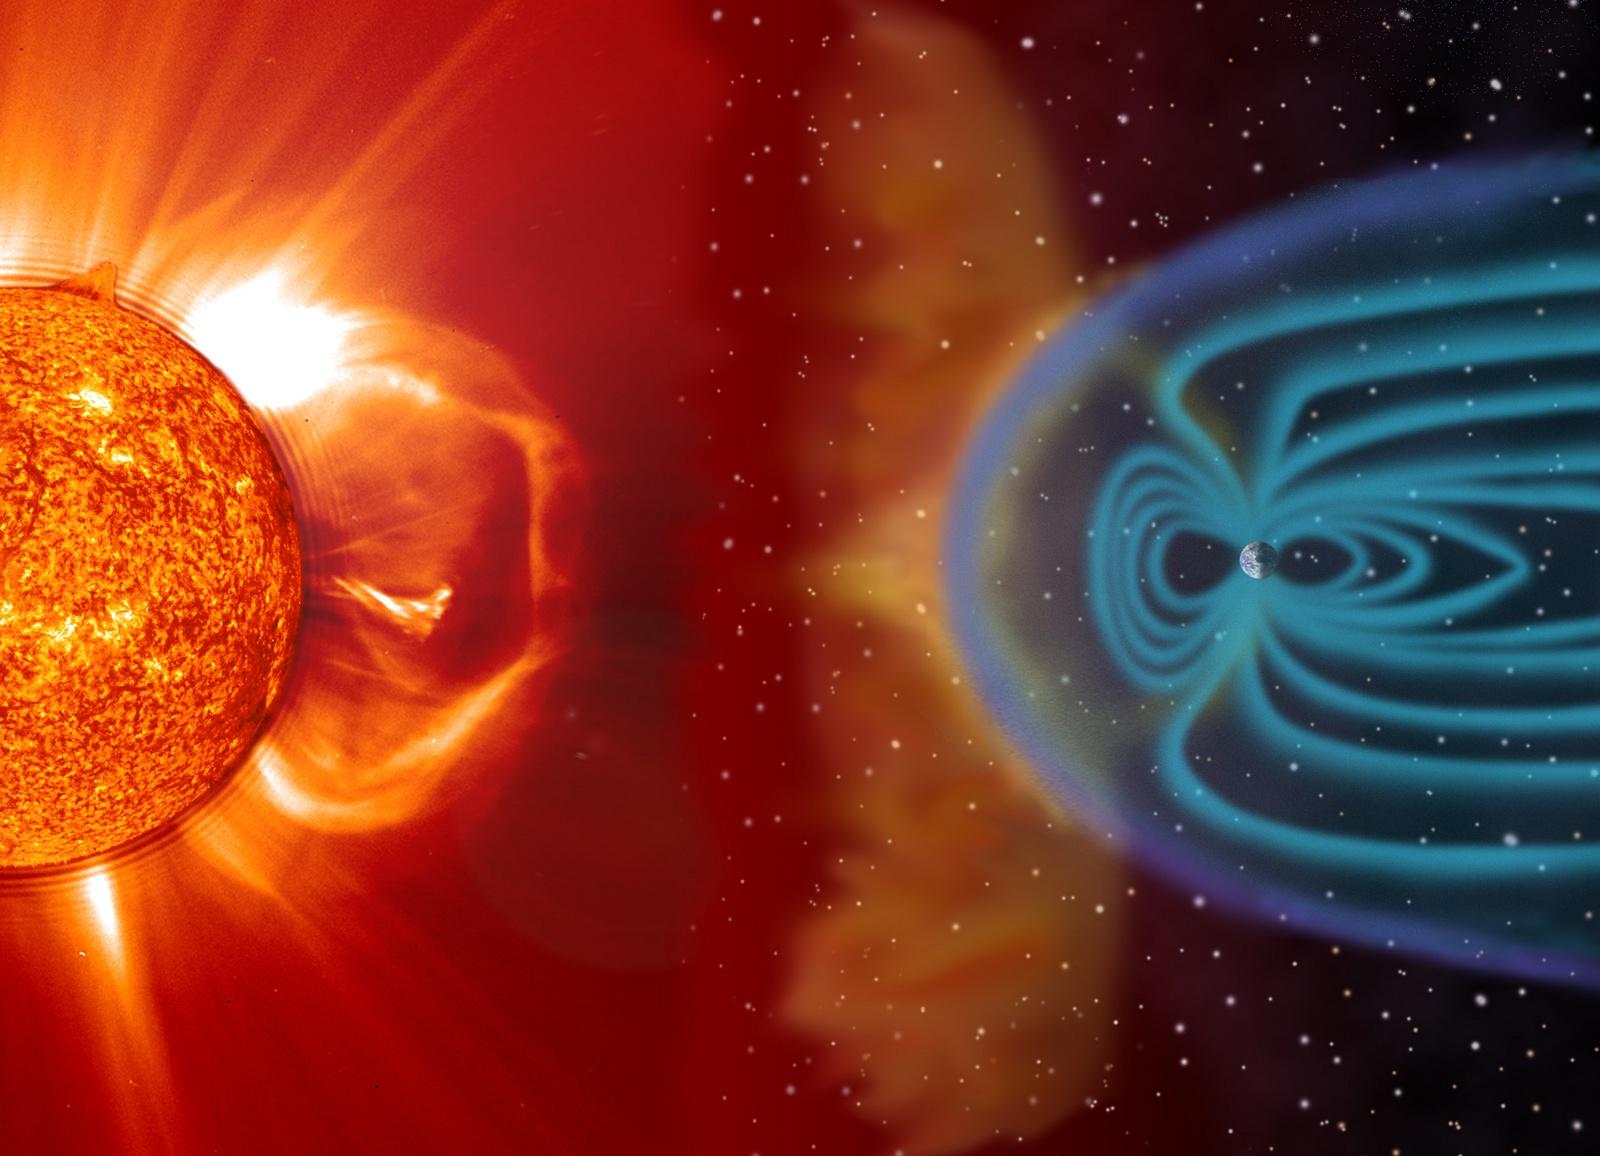 Soleil - Activité solaire - CME - Coronal Mass Ejection - Magnétosphère - Ionosphère - Aurores polaires - SOHO - NASA - Space weather - Solar storm